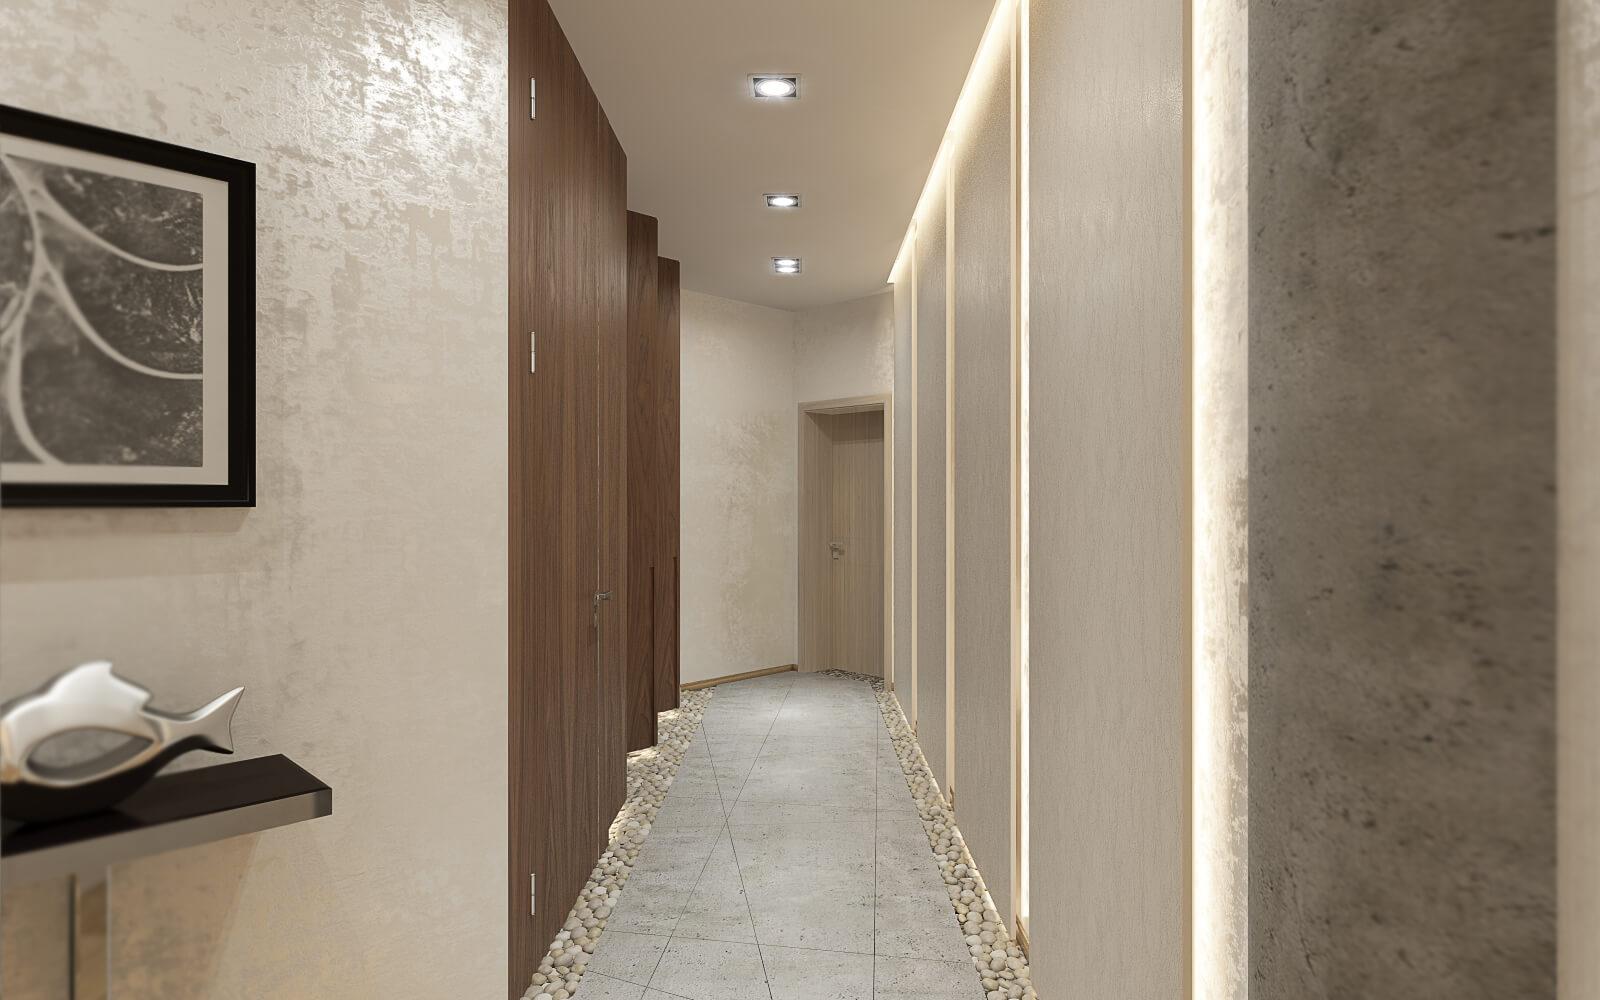 Подвесные потолки в коридор фото героиня кён